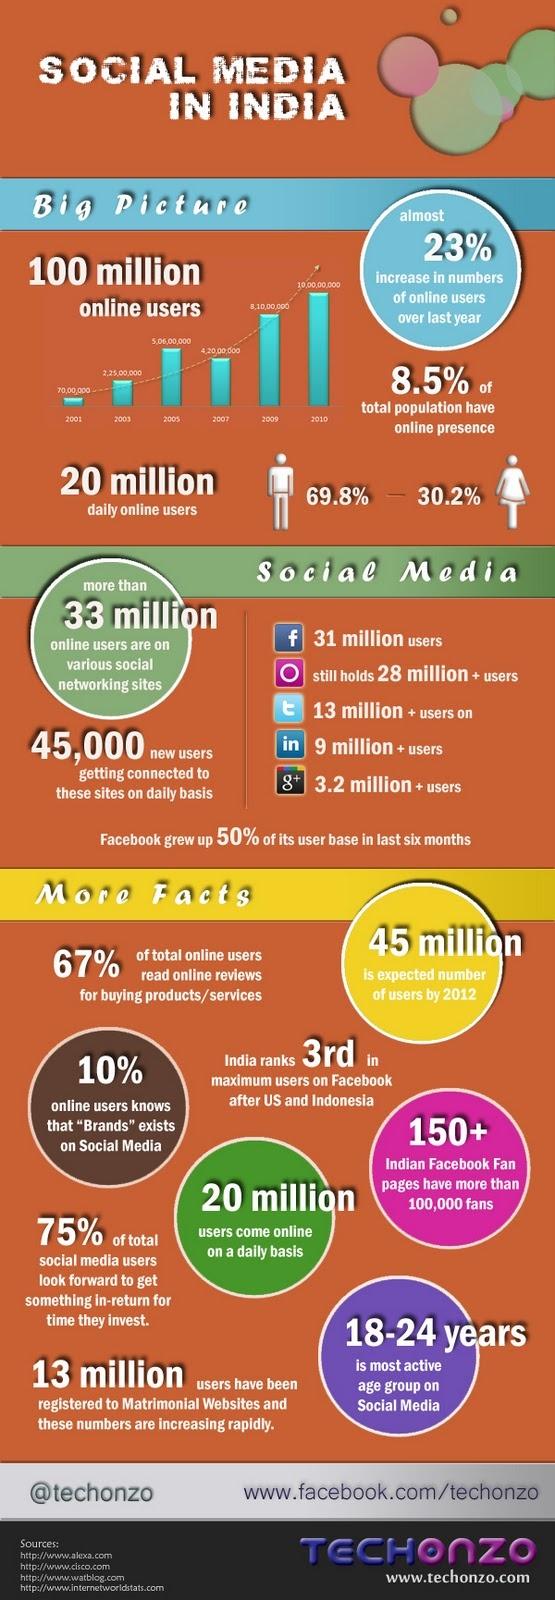 Social Media in India